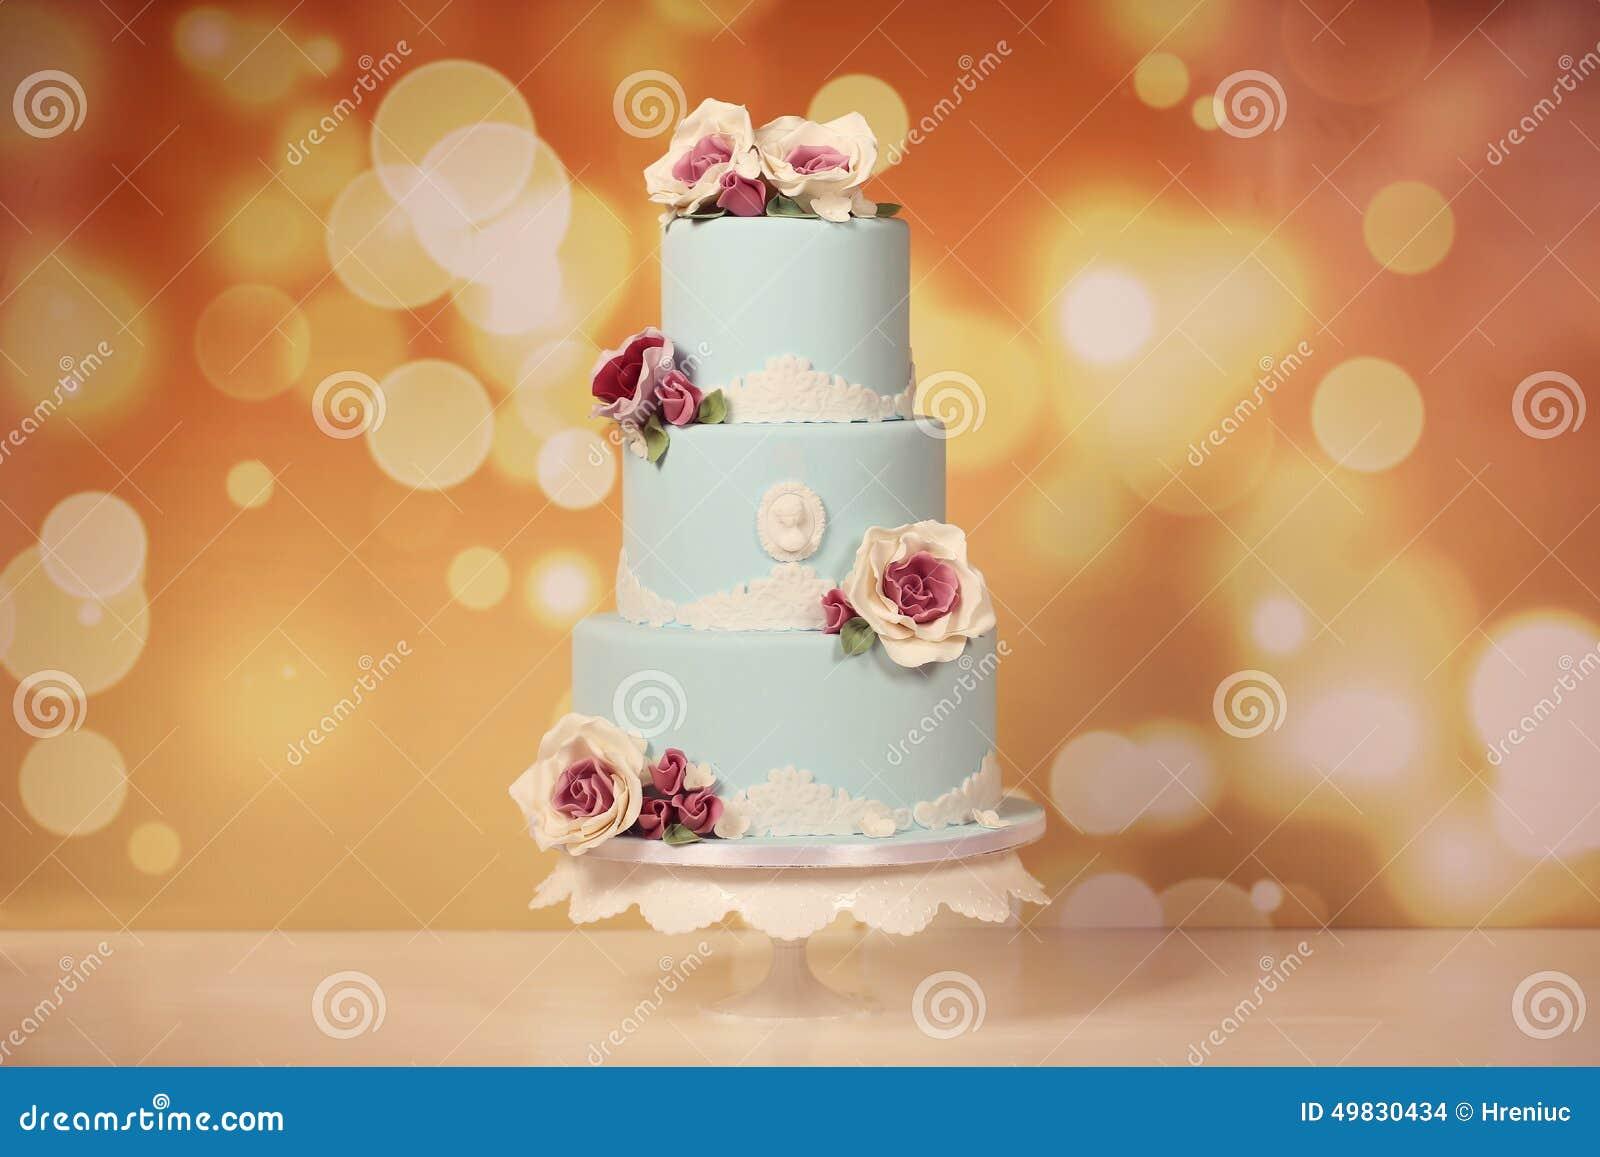 Blaue Hochzeitstorte Mit Rosen Stockfoto Bild Von Essen Celebrate